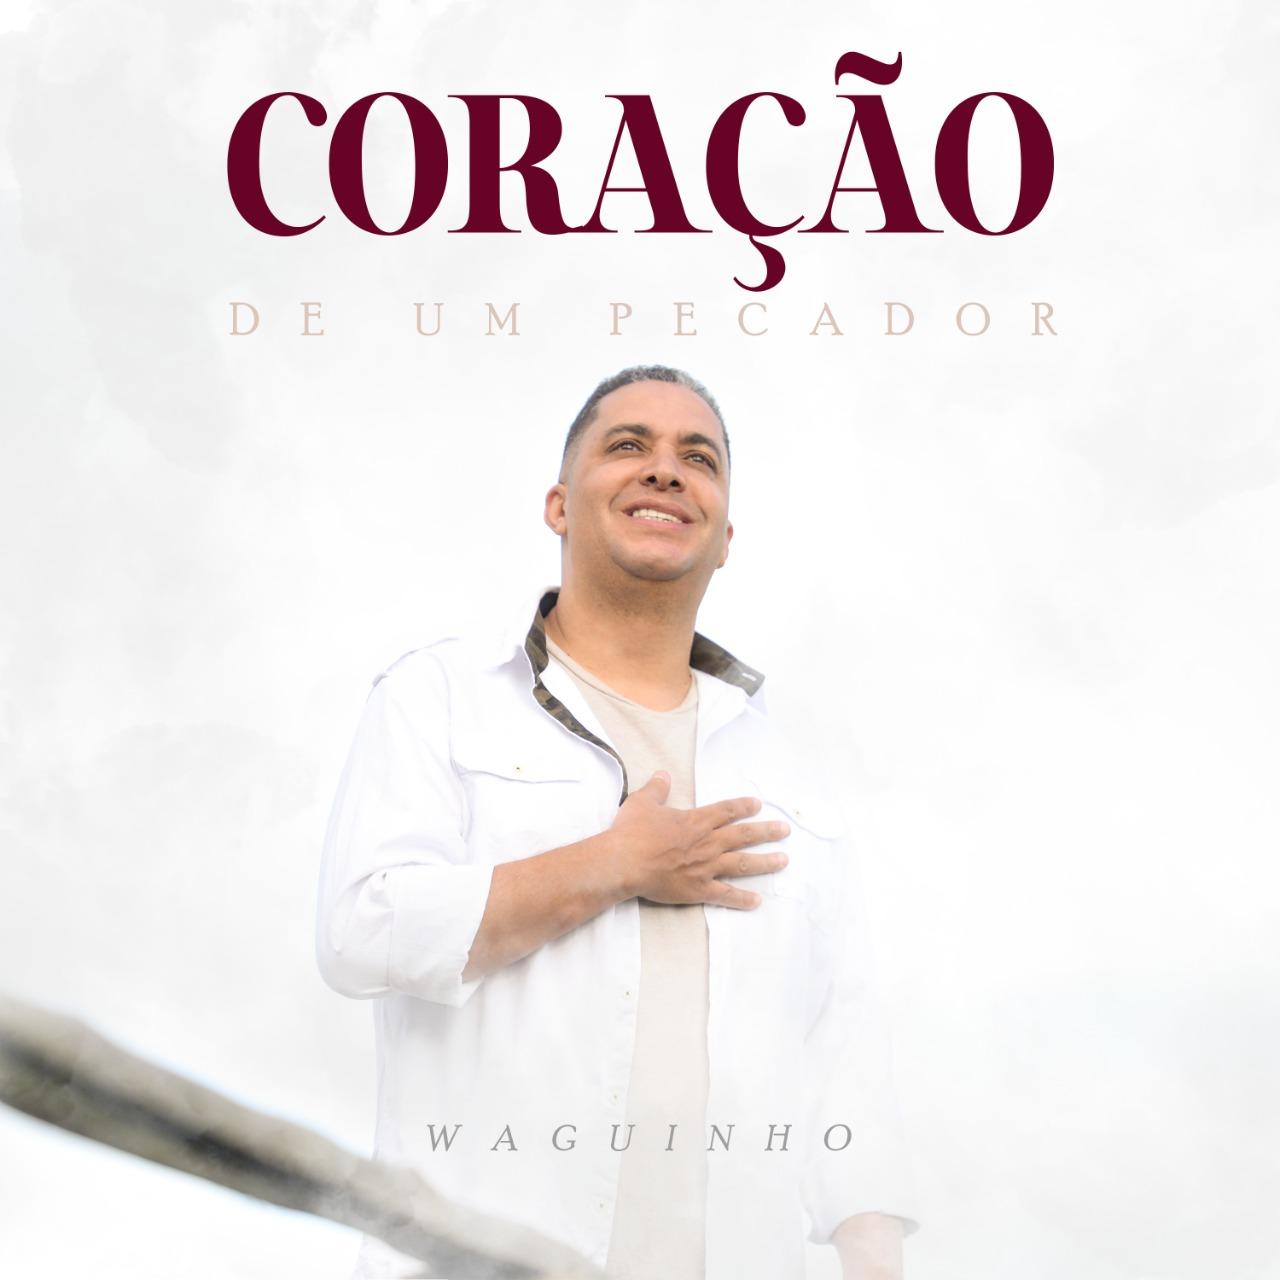 """Waguinho estreia na Central Gospel Music com o single autoral """"Coração de um Pecador"""""""